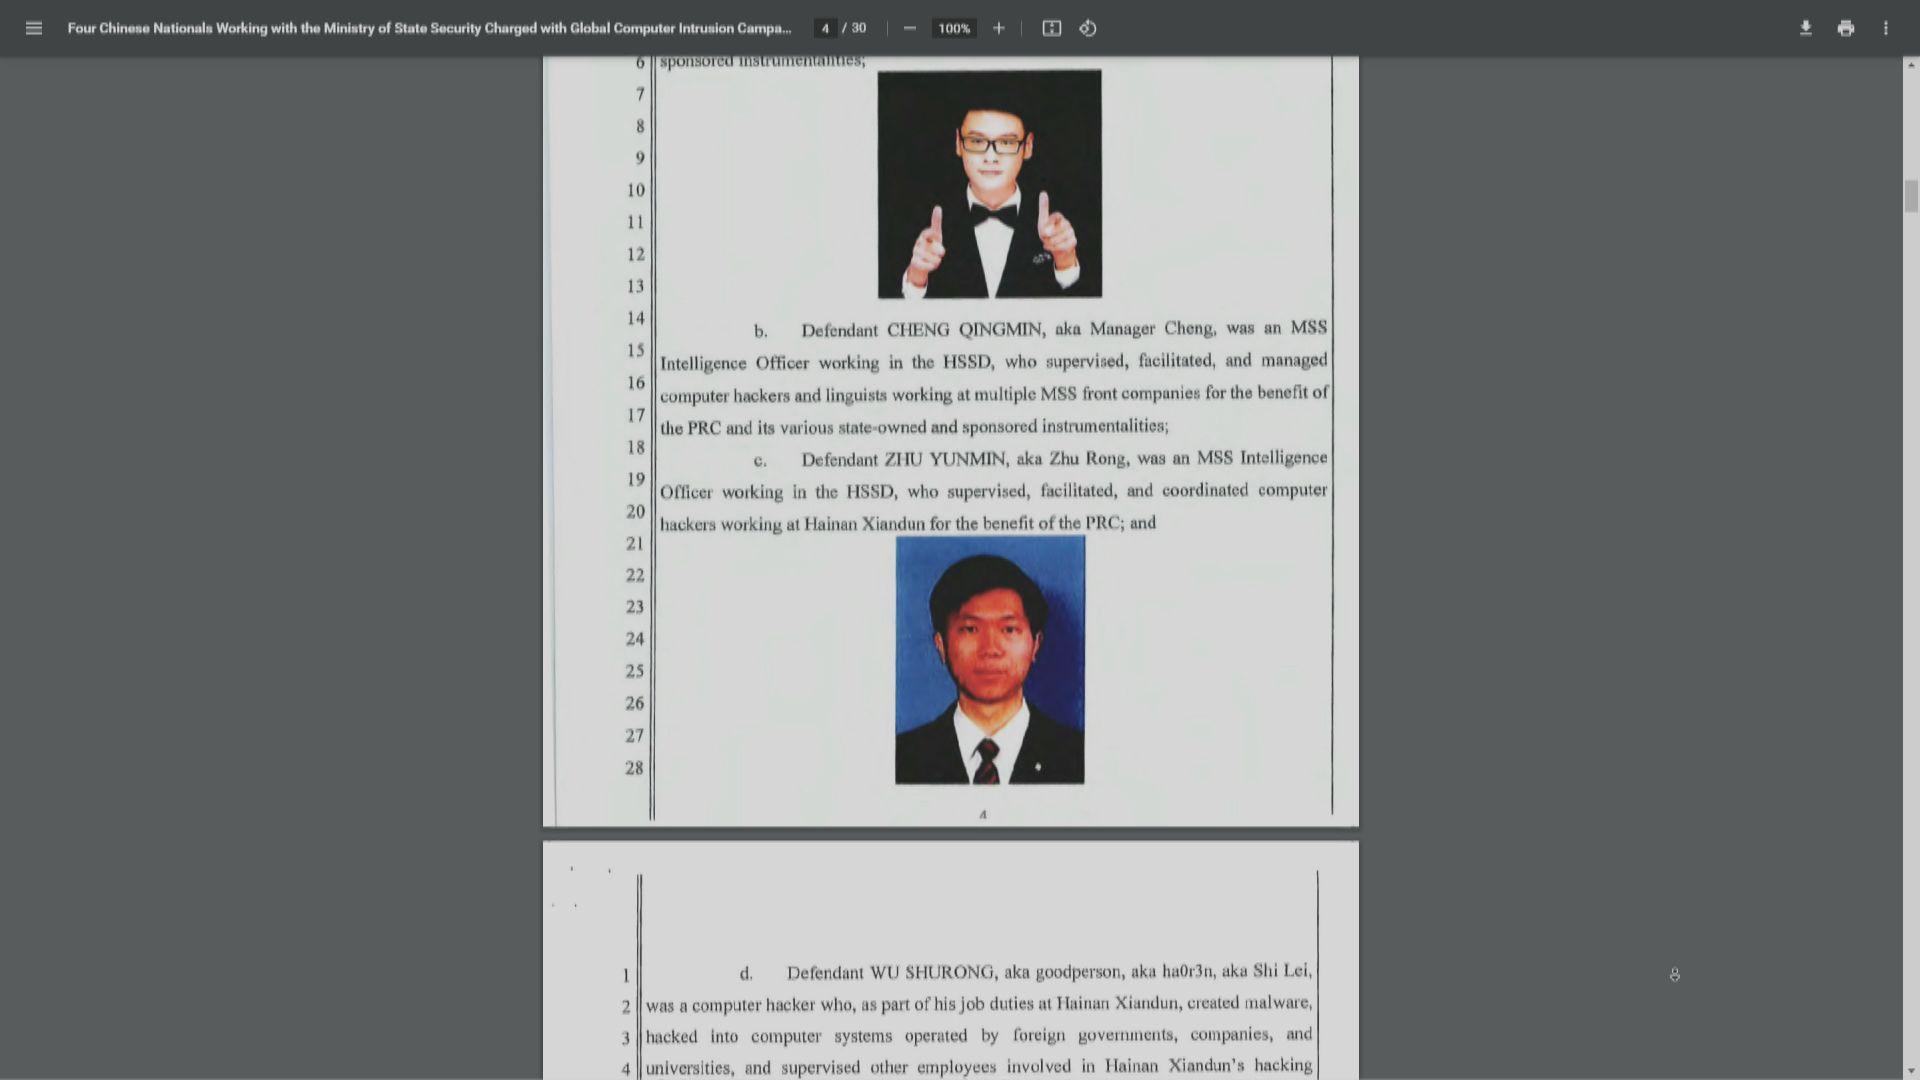 美指控中國黑客活動危害多國國安 外交部批美無理指責